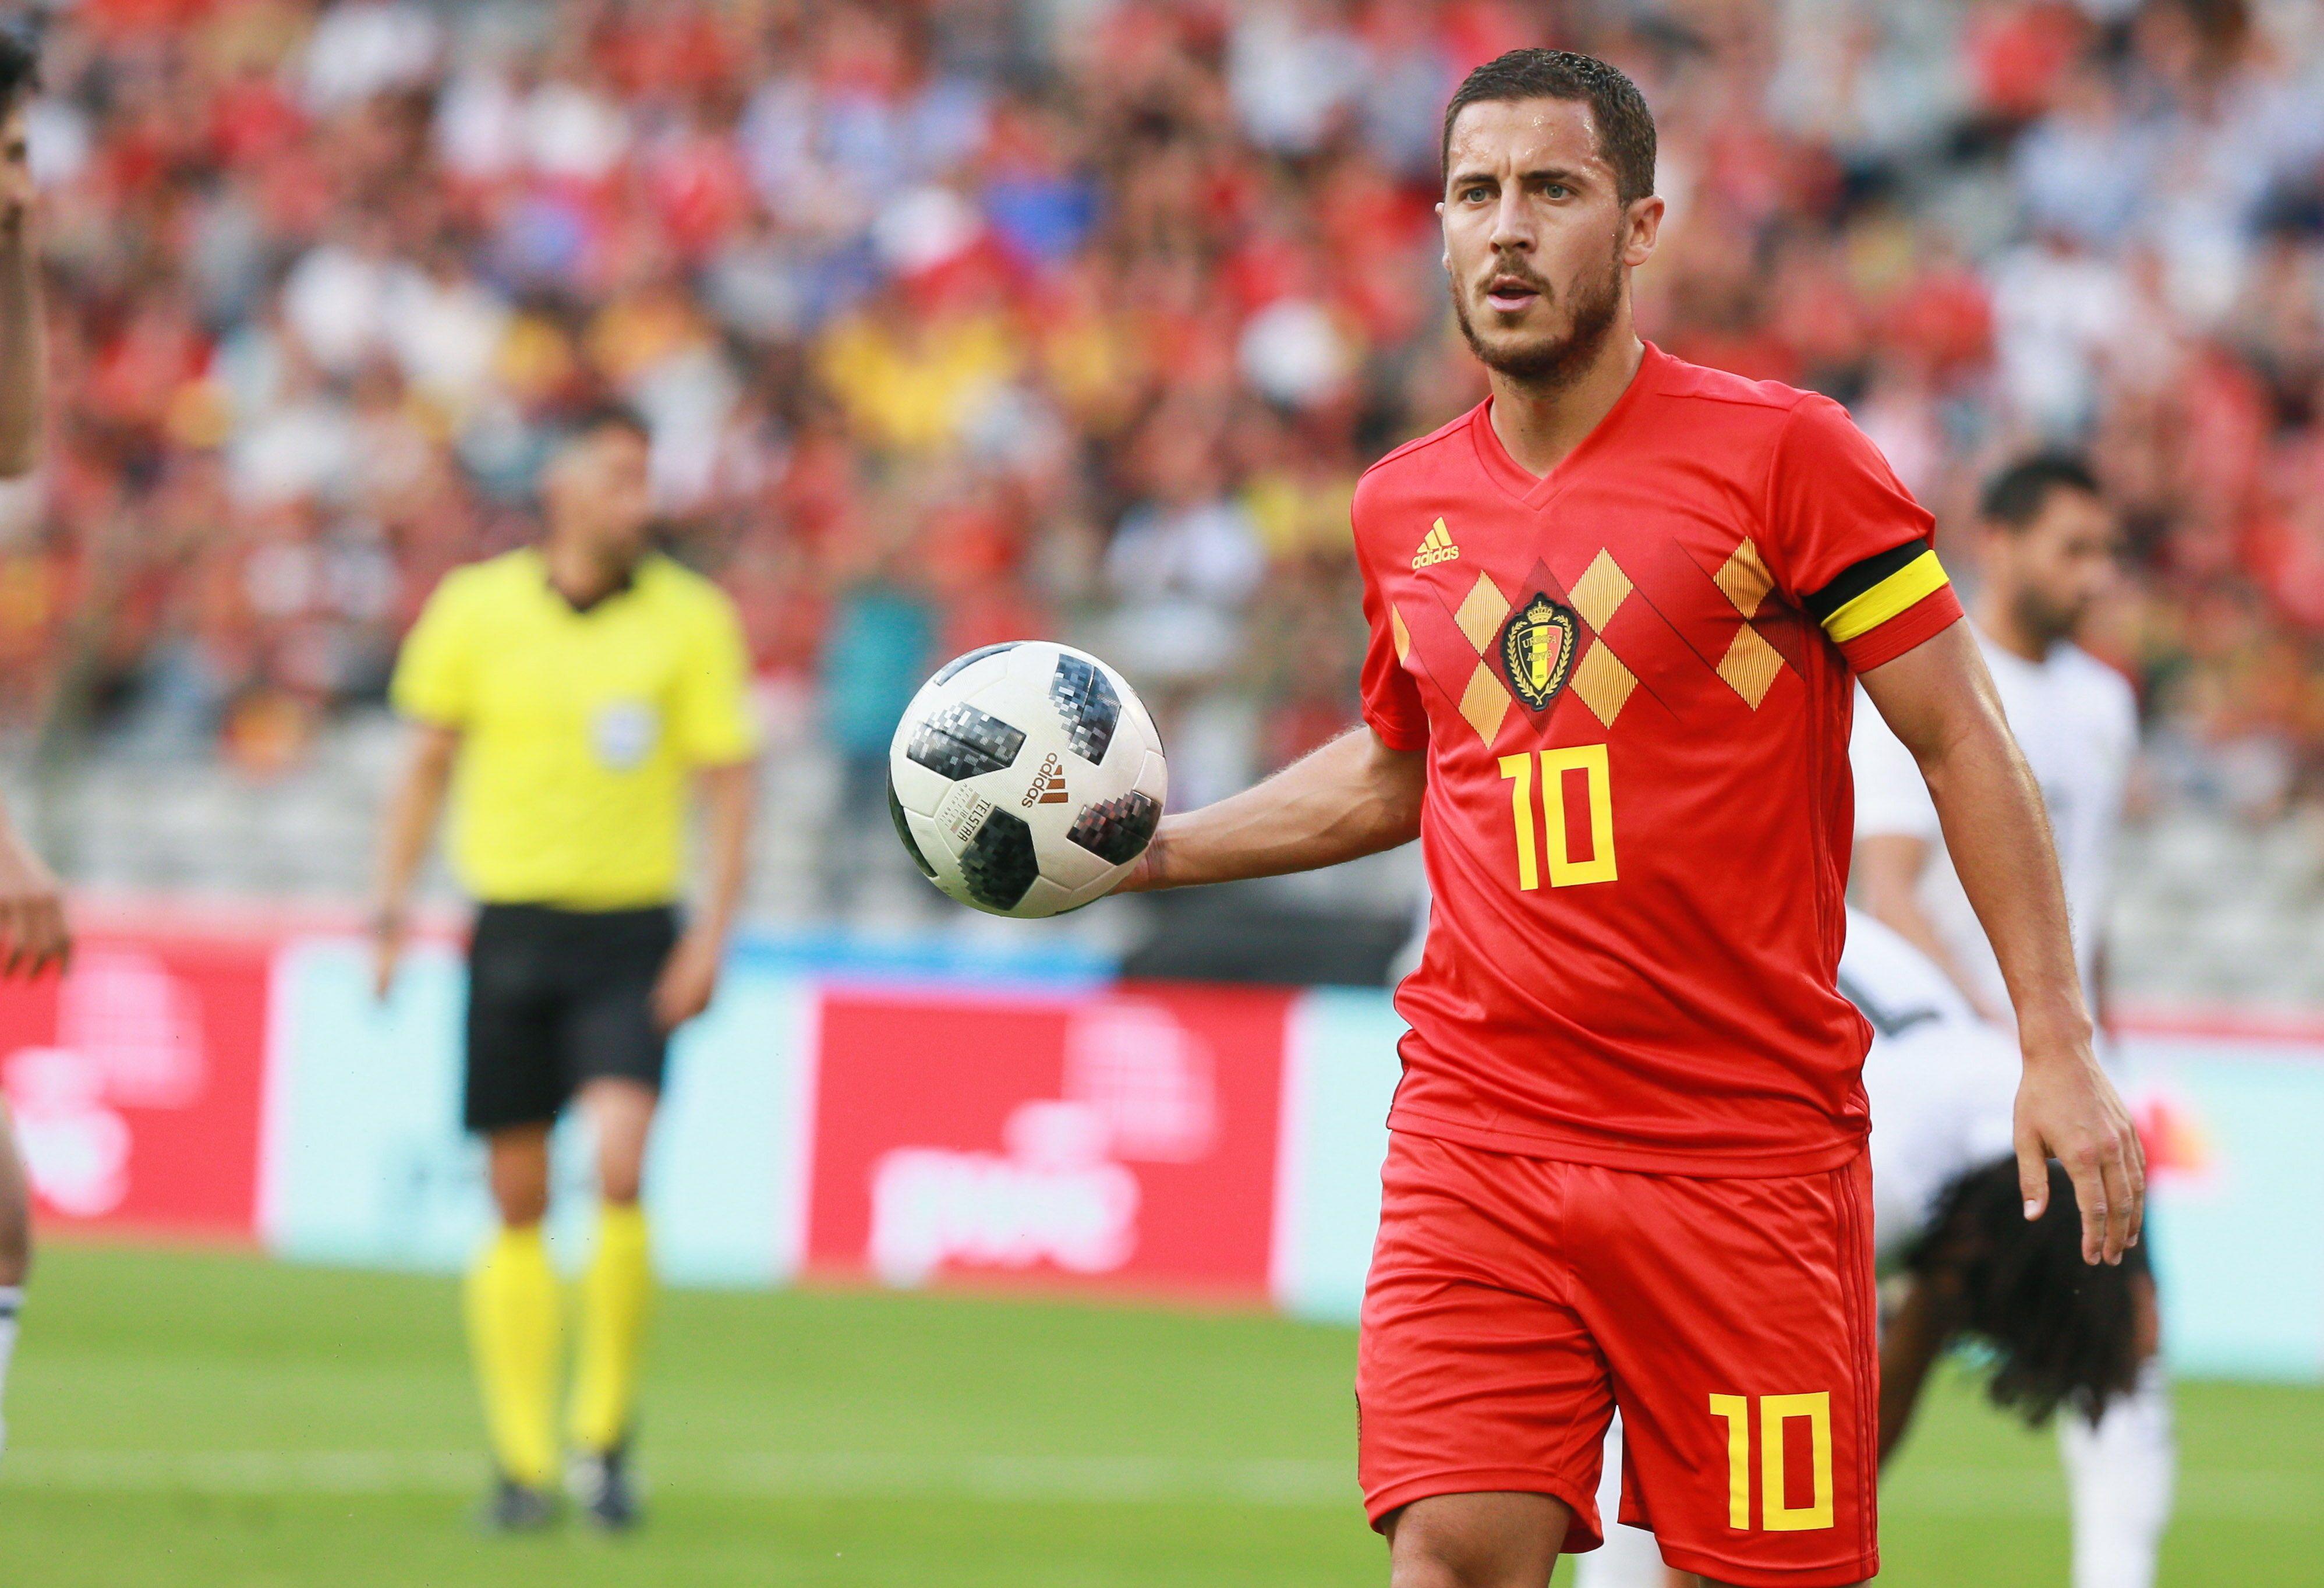 Eden Hazard marcó uno de los goles del partido. Foto: EFE